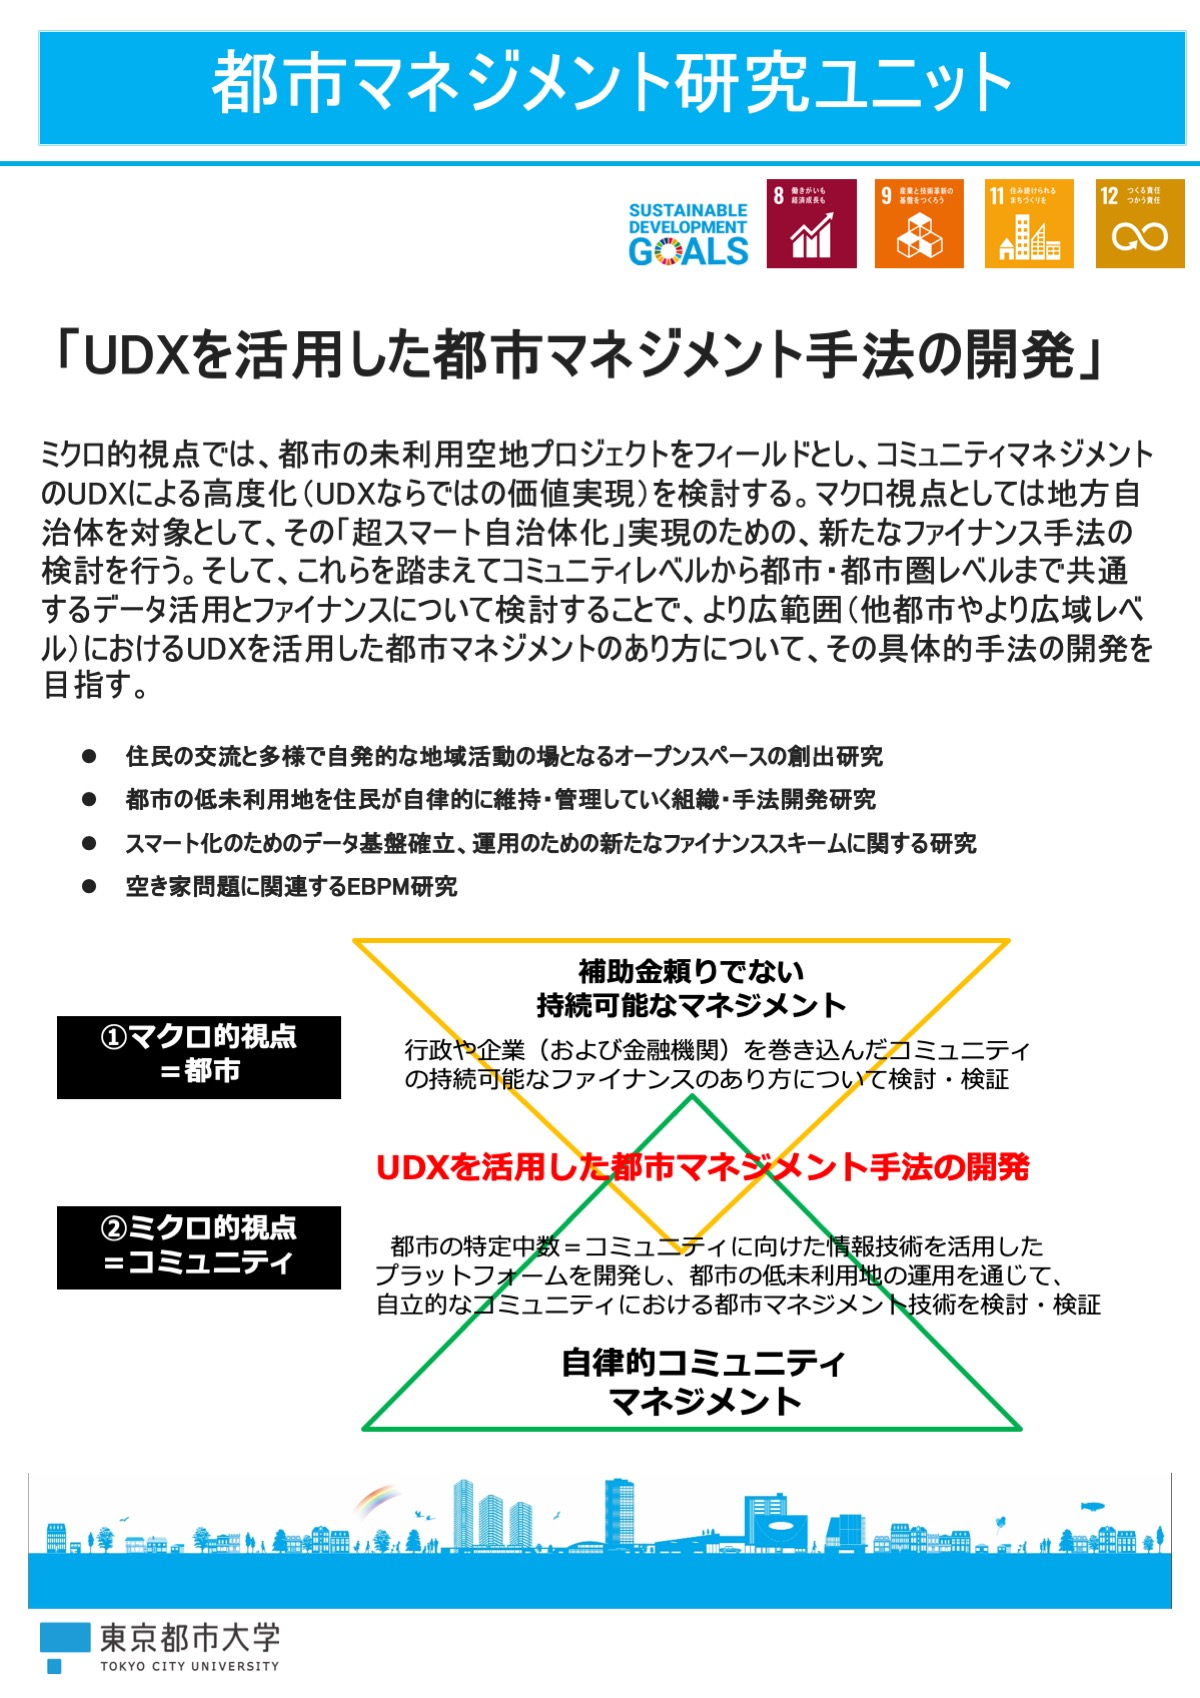 都市マネジメント研究ユニット 研究ポスター